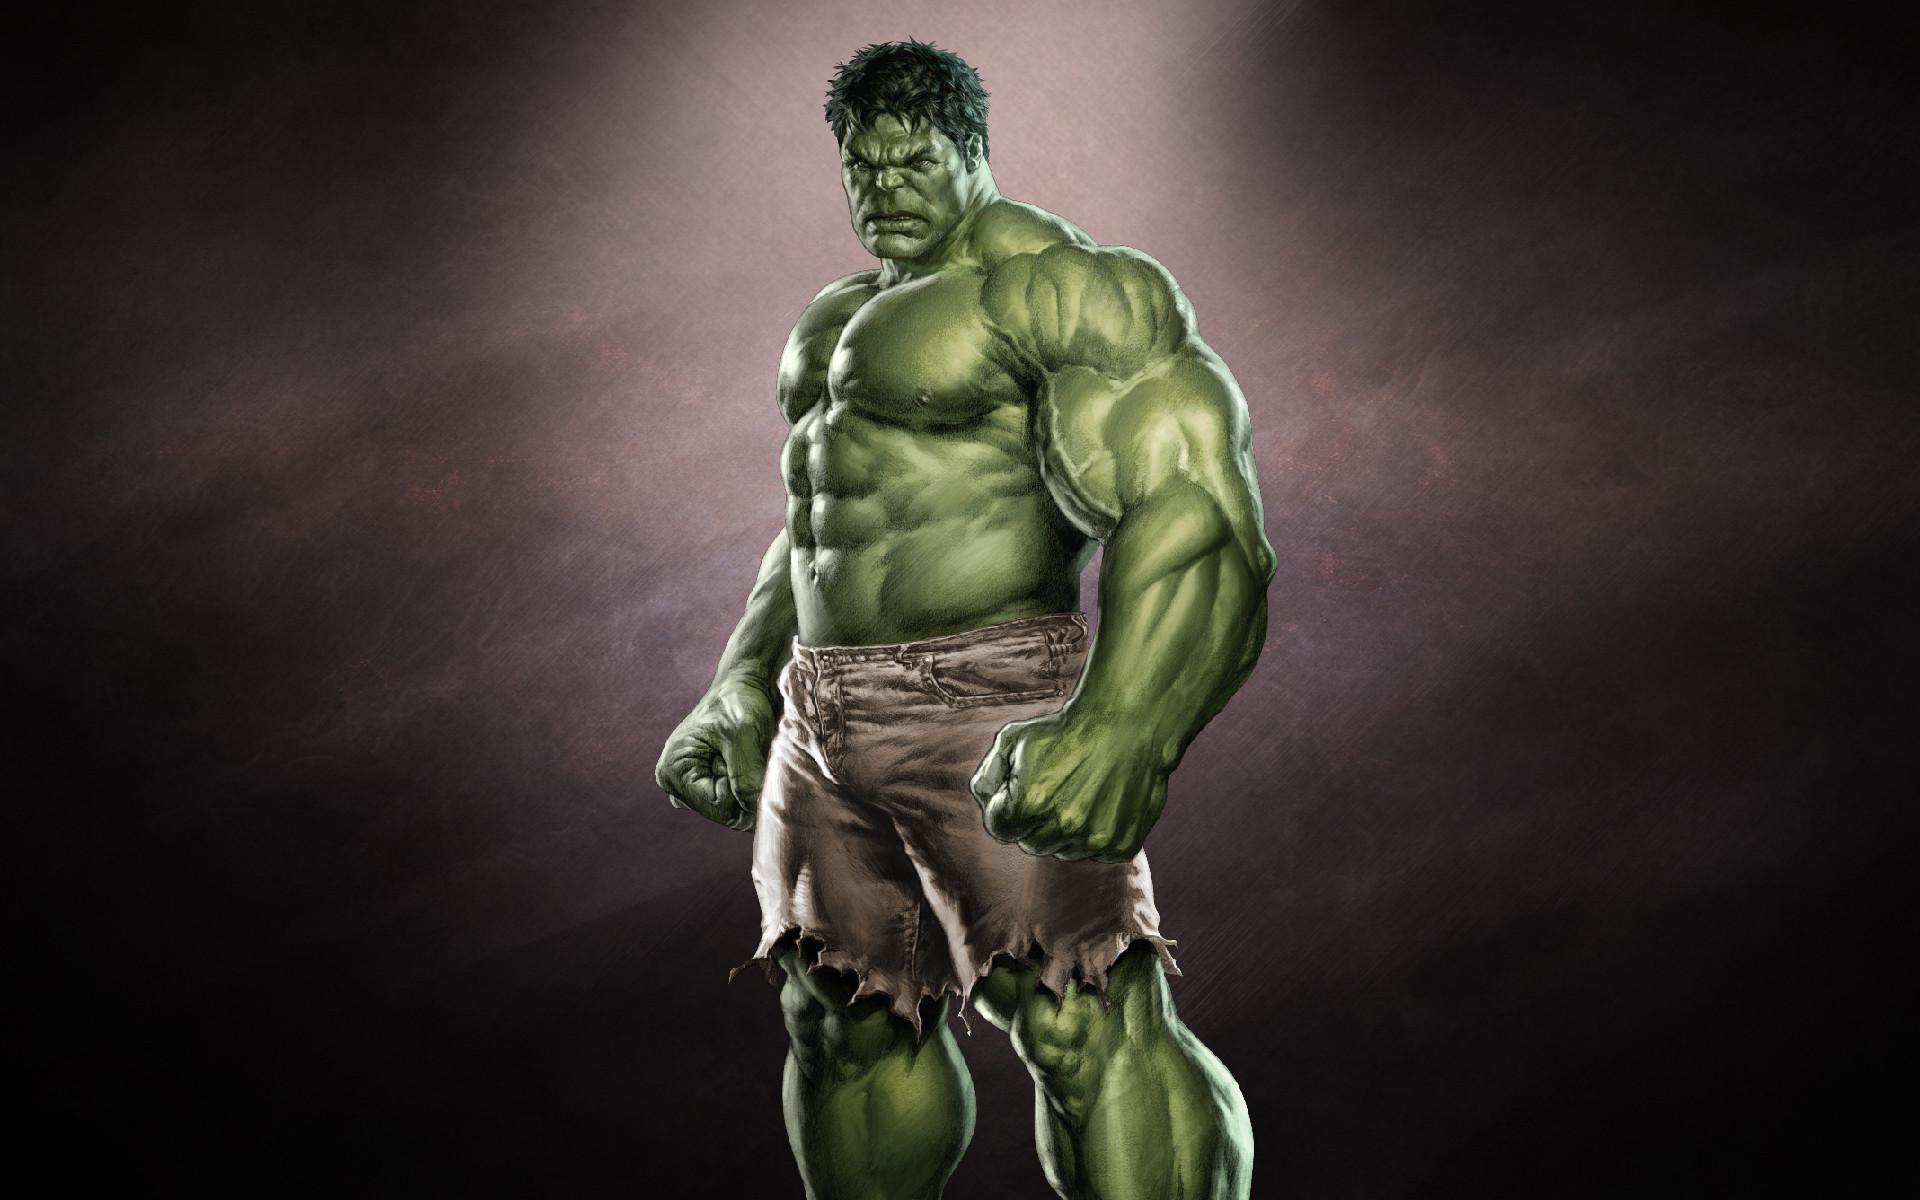 Hulk Wide Wall HD Wallpaper 4844 1920x1200